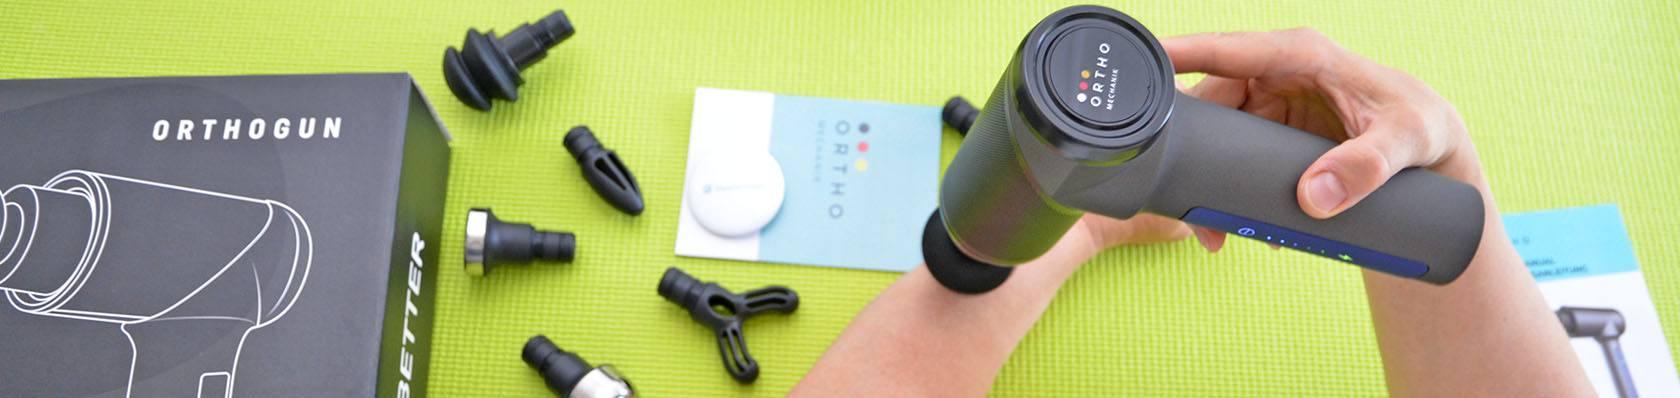 Massagepistolen Sets im Test auf ExpertenTesten.de